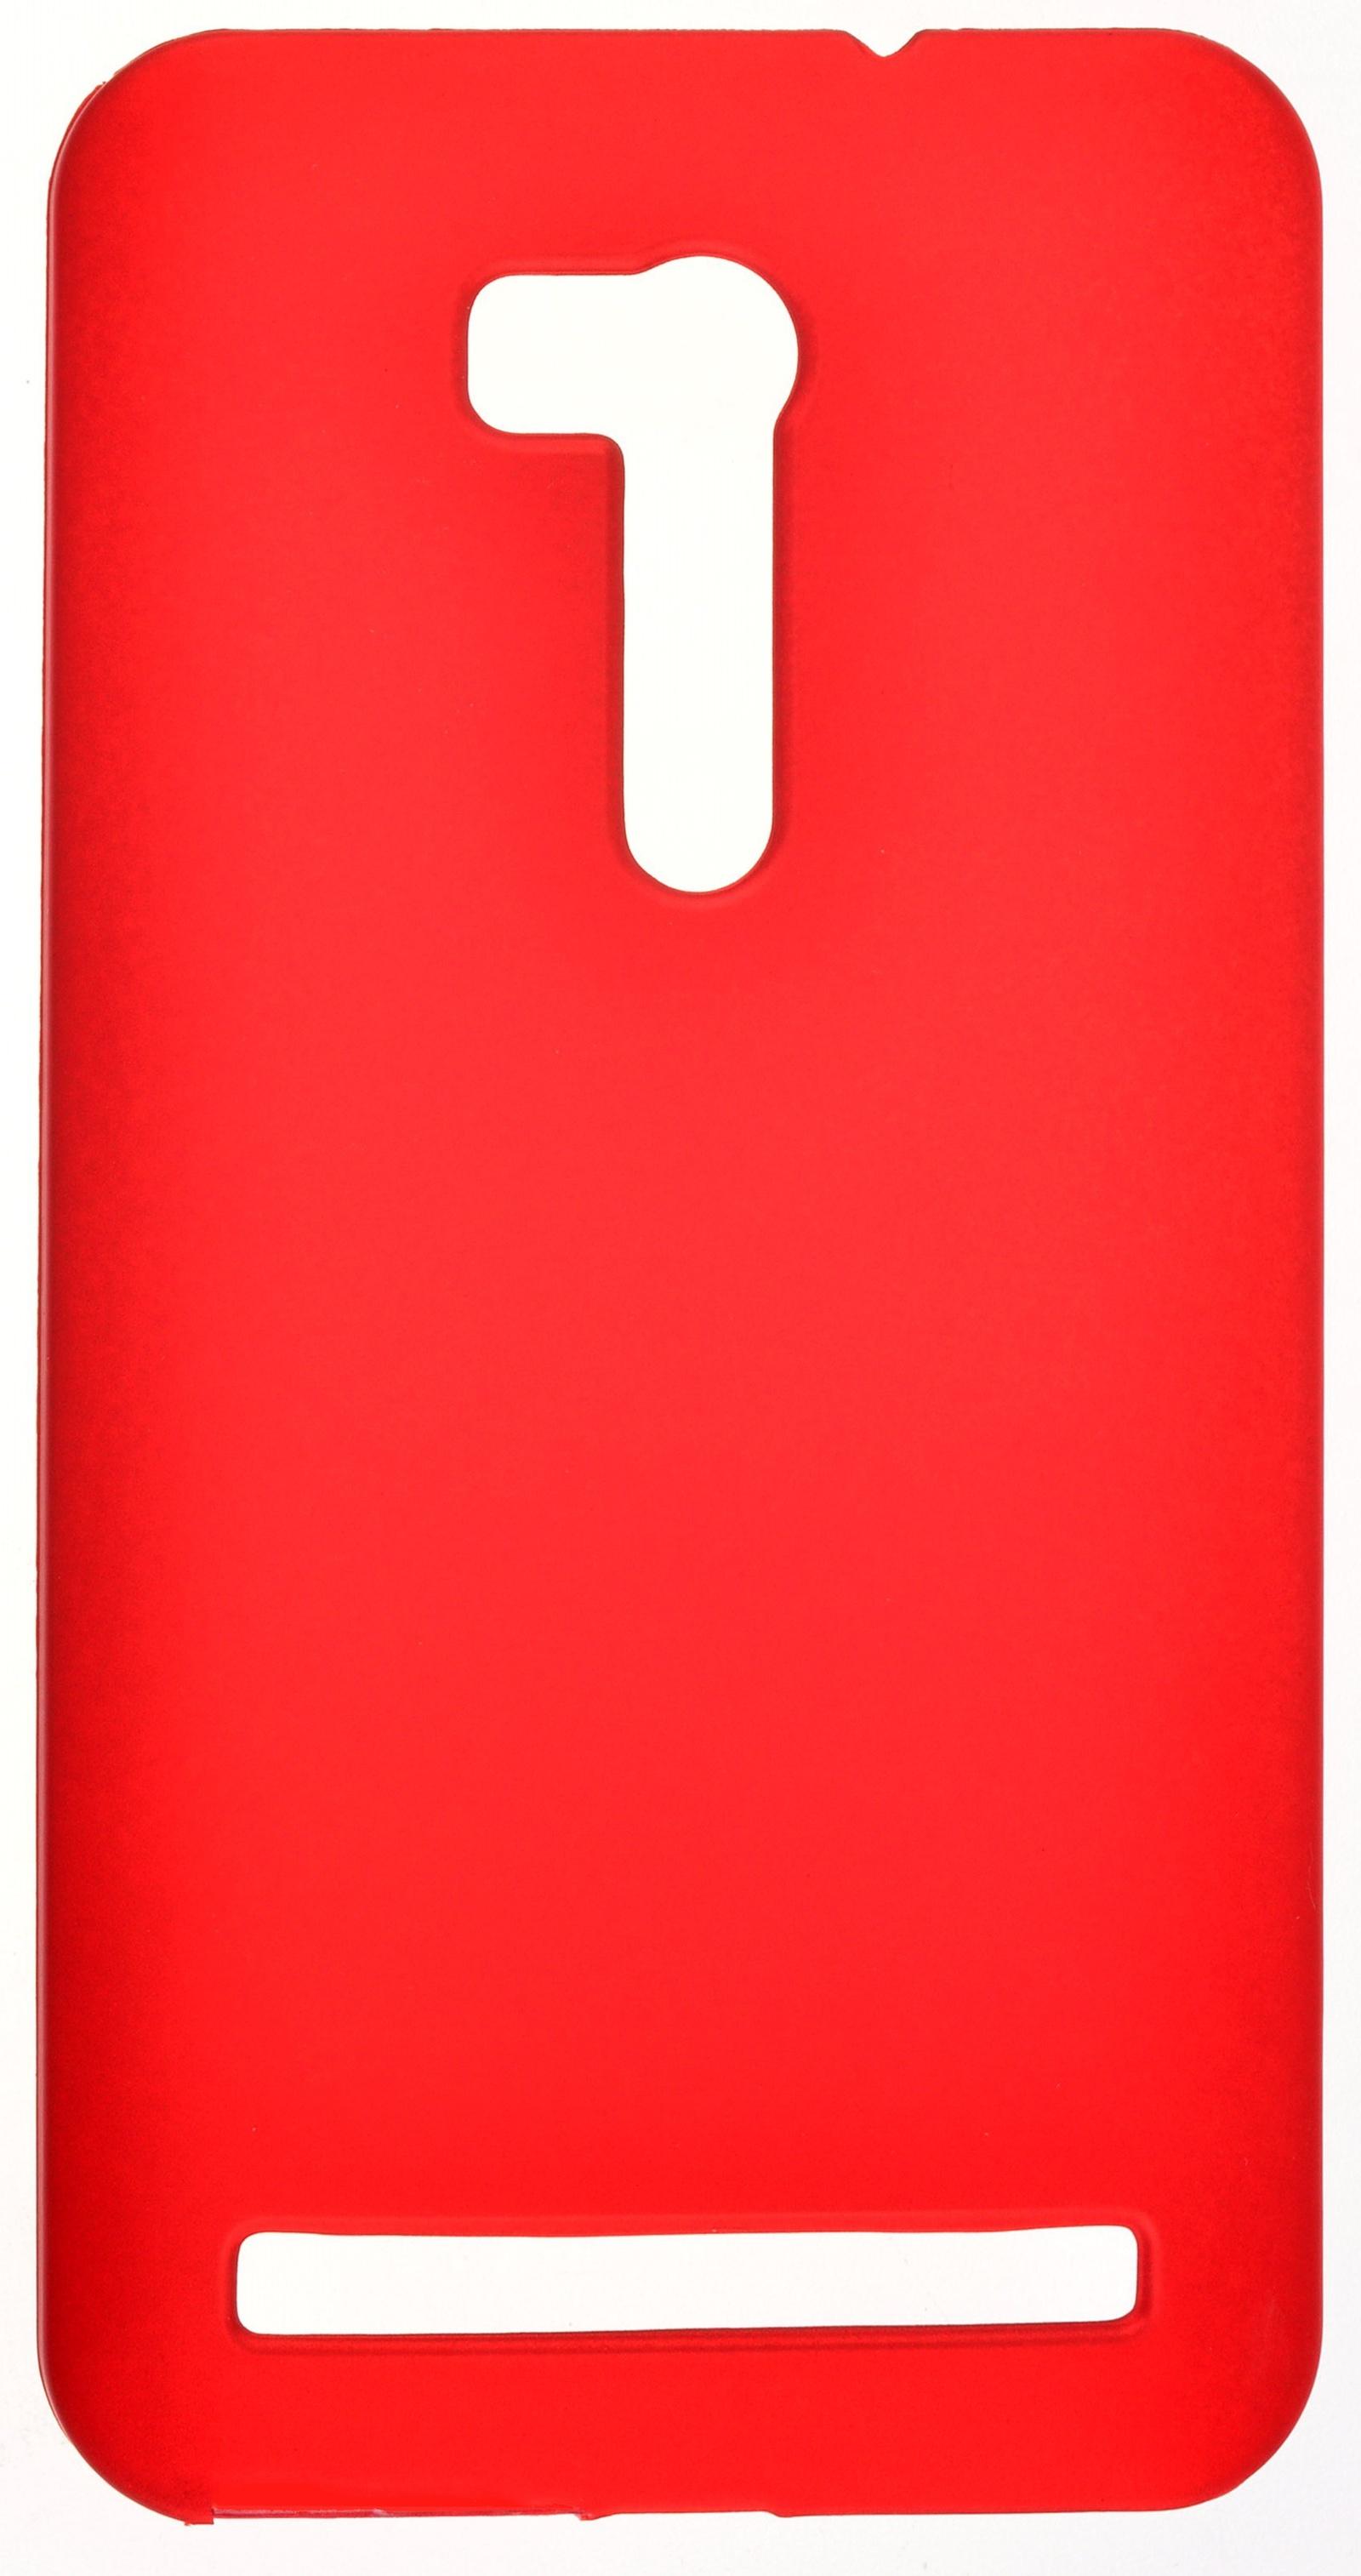 Накладка skinBOX для ZB551KL/G550KL, 2000000092522, красный hermann schiller sammlung von abhandlungen aus dem gebiete